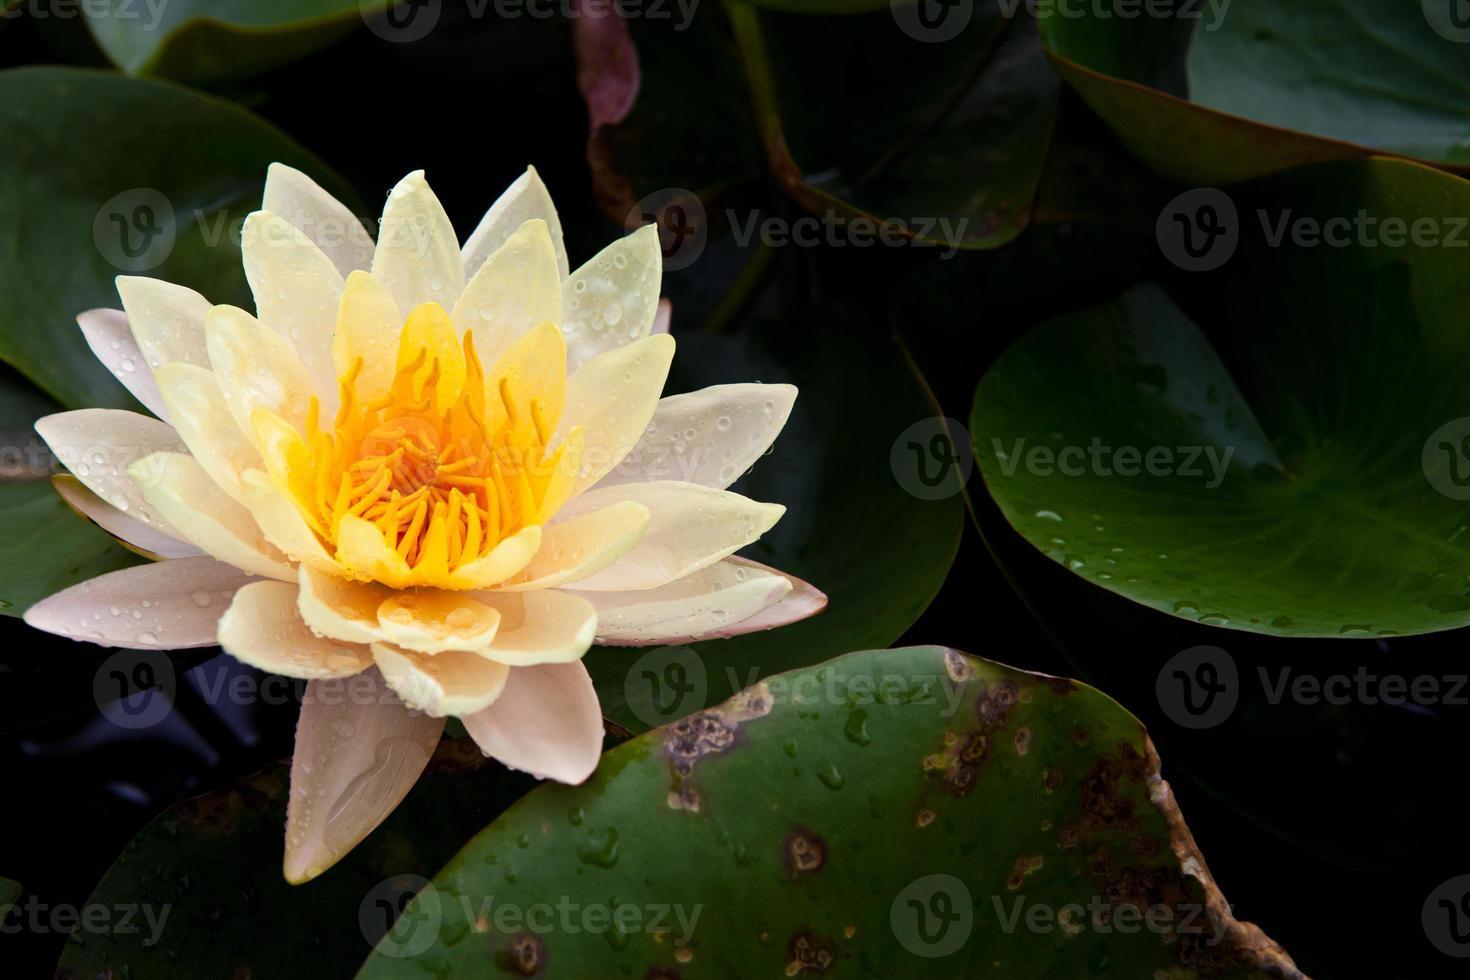 bellissimo fiore di loto giallo con polline giallo e goccia d'acqua foto